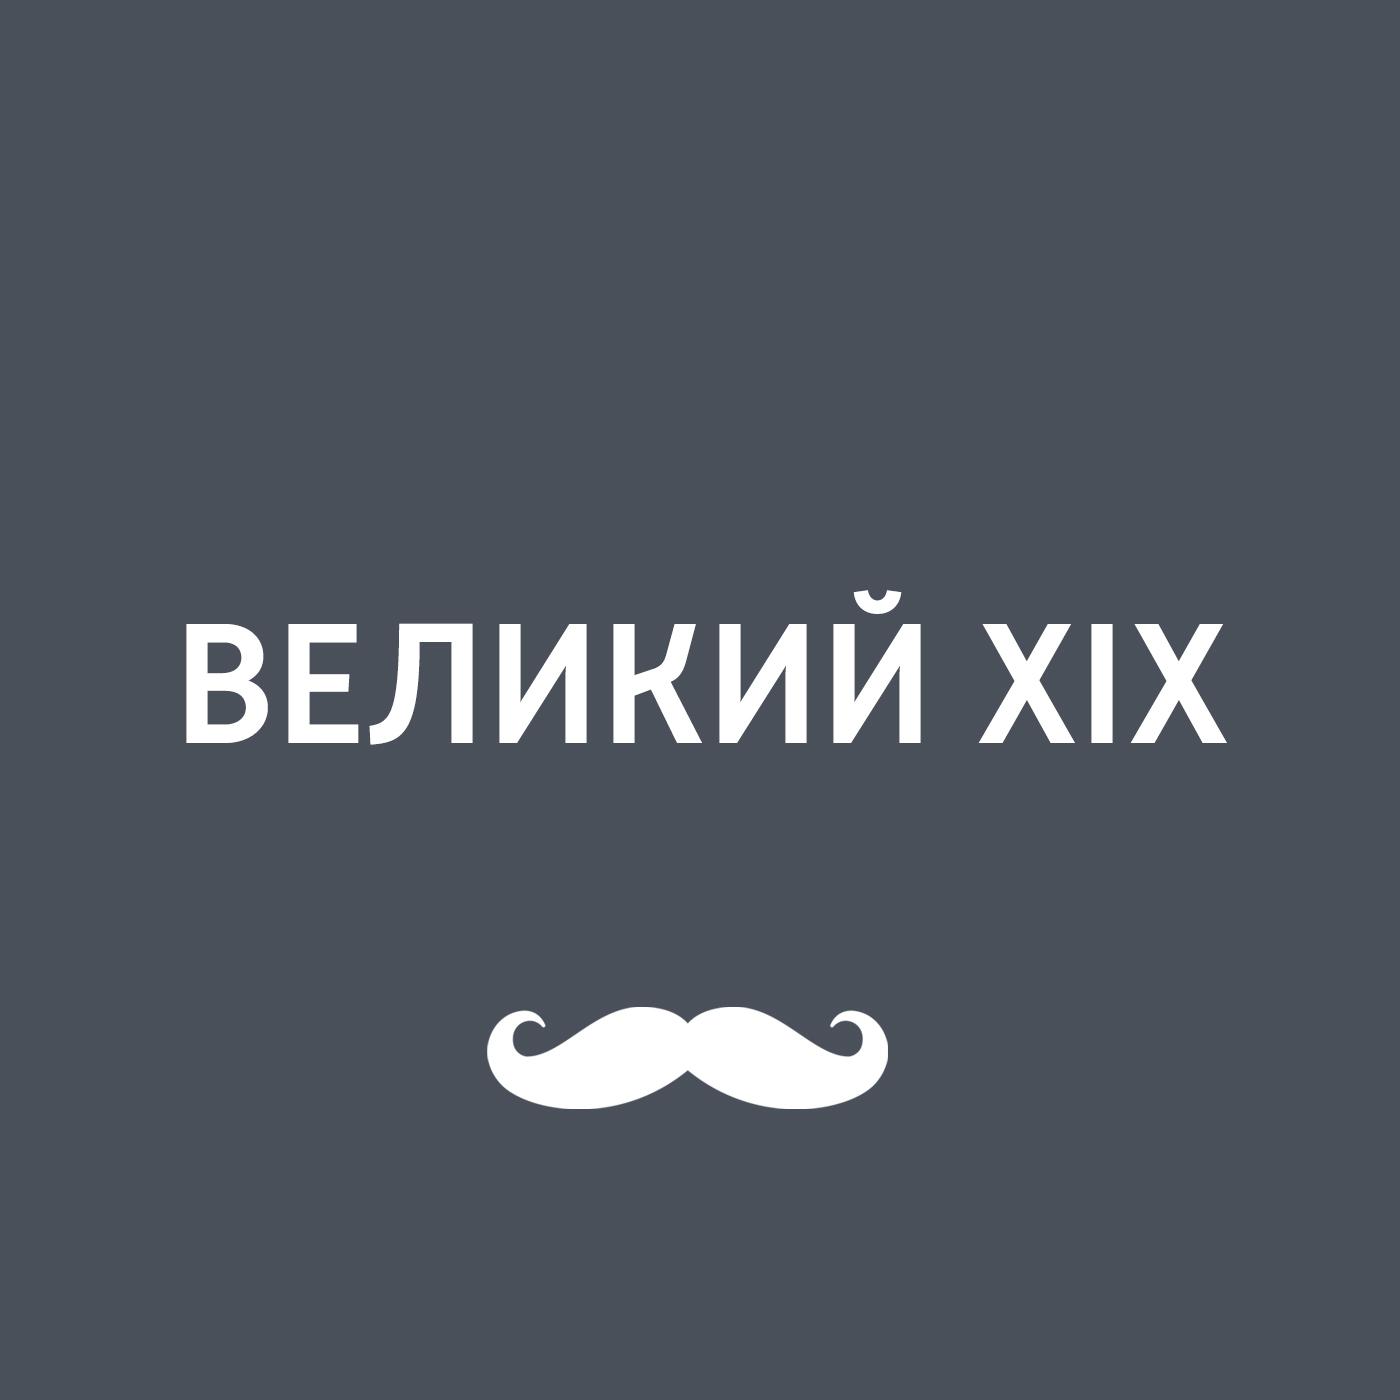 Великий XIX. Пётр Багратион в войне 1812 года